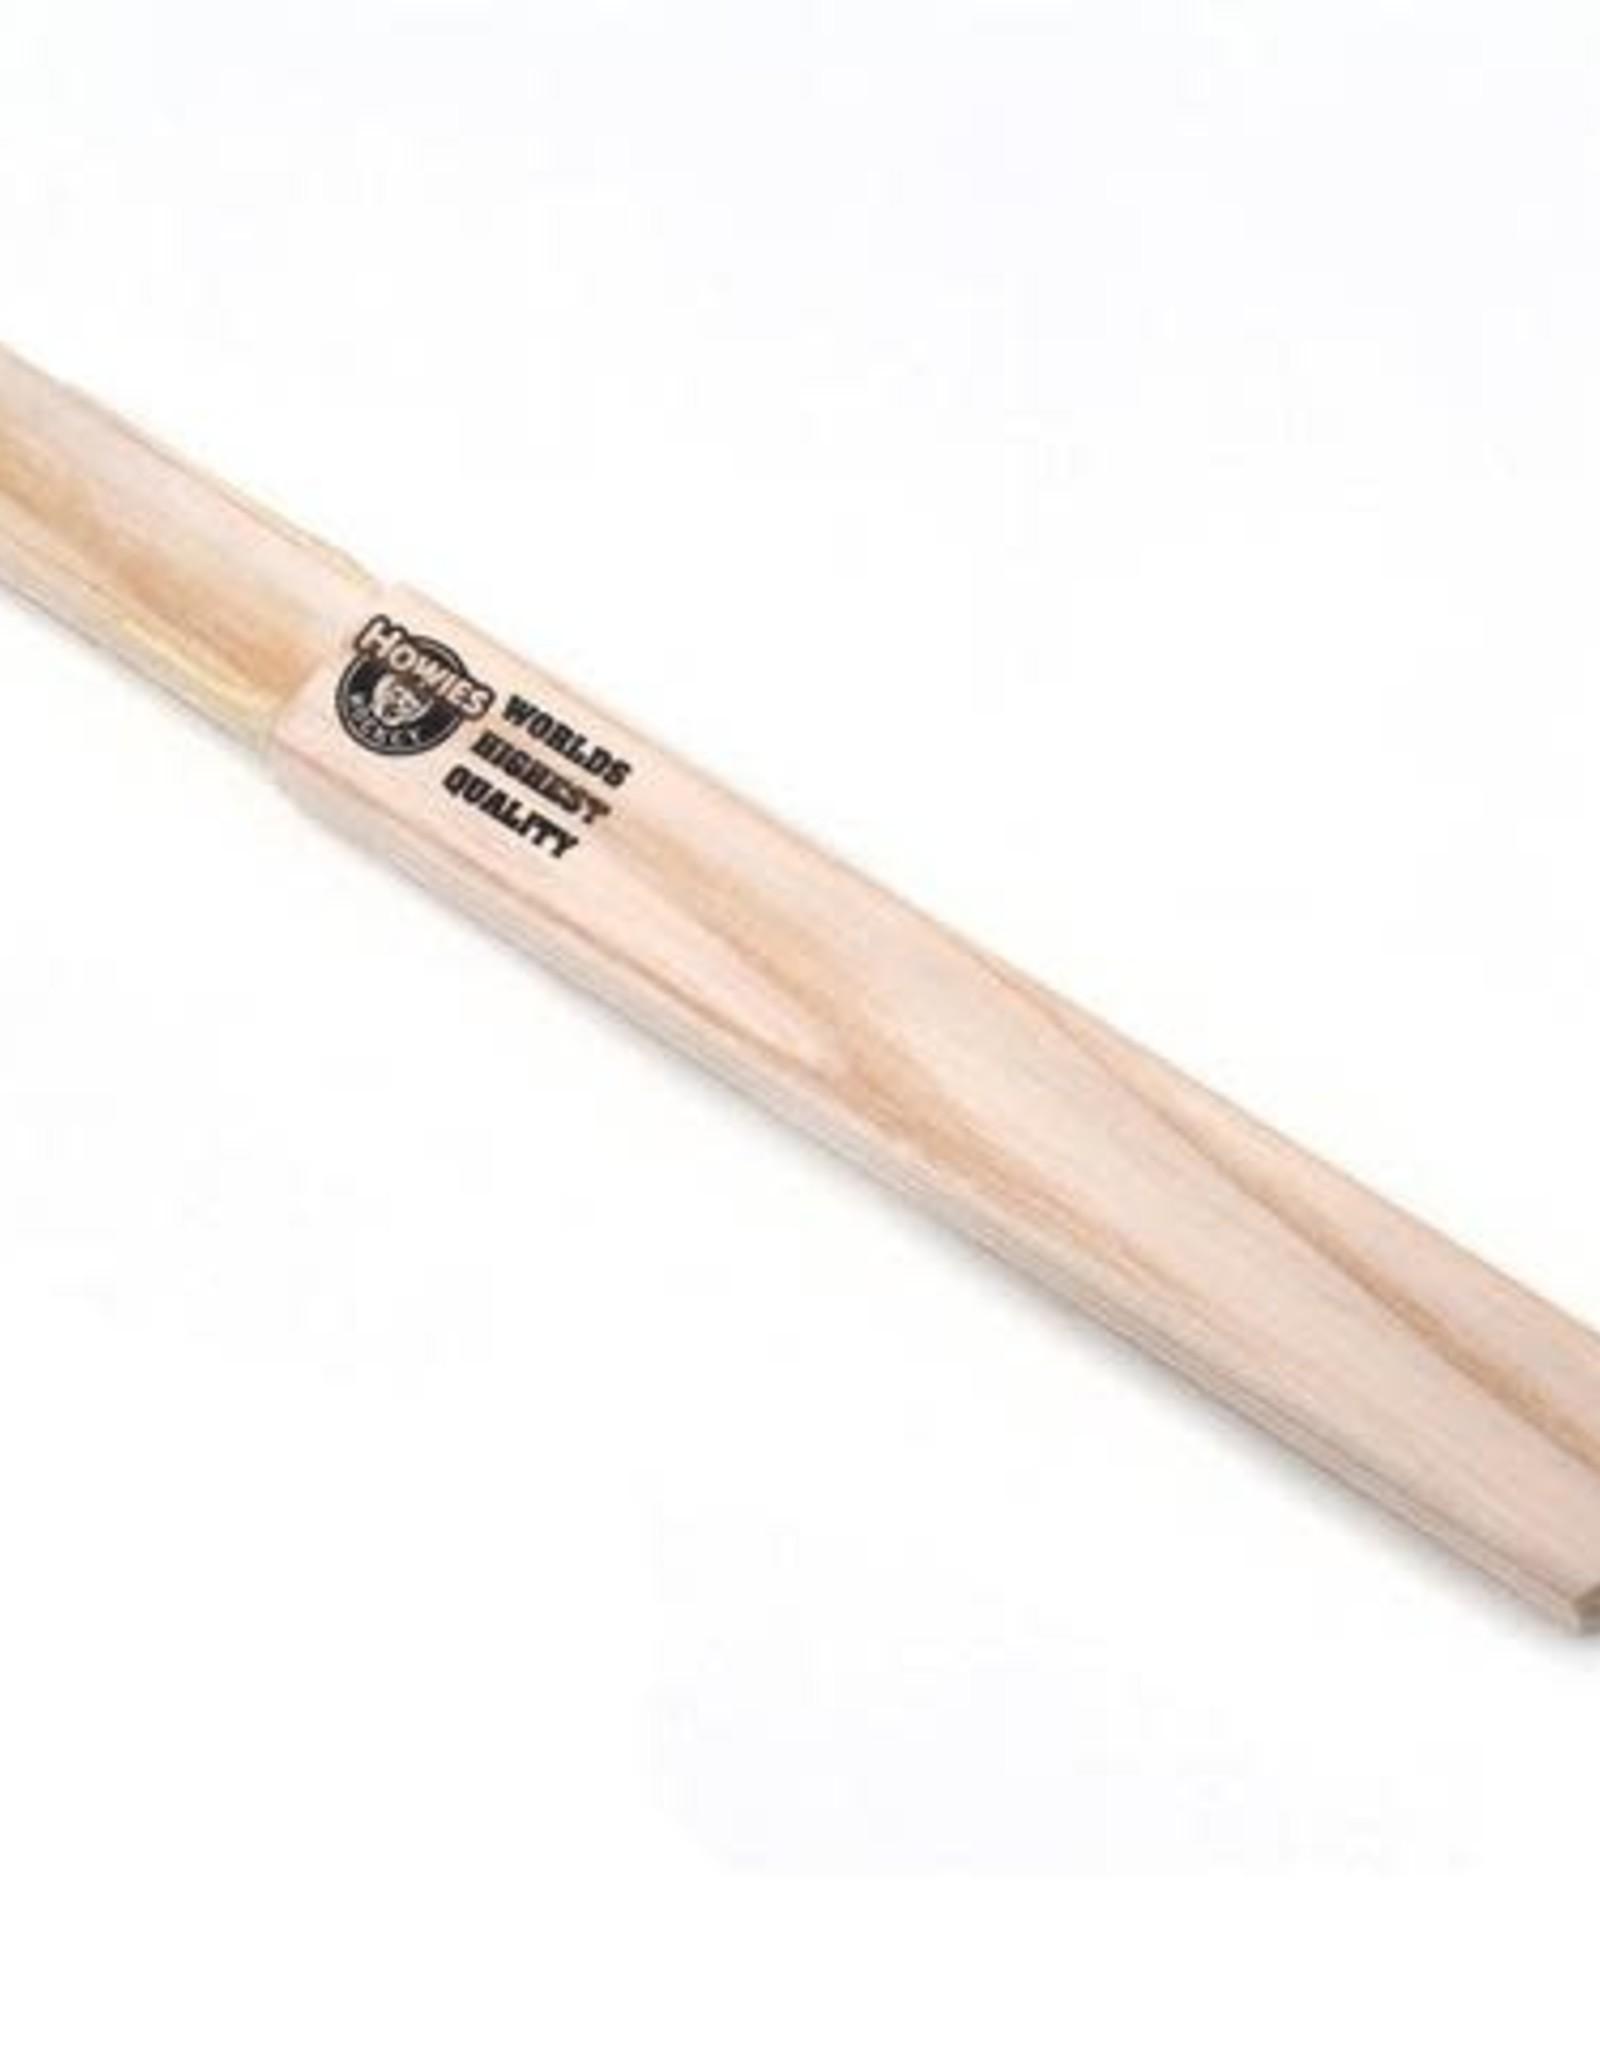 Howies Howies Senior Wooden End Plug